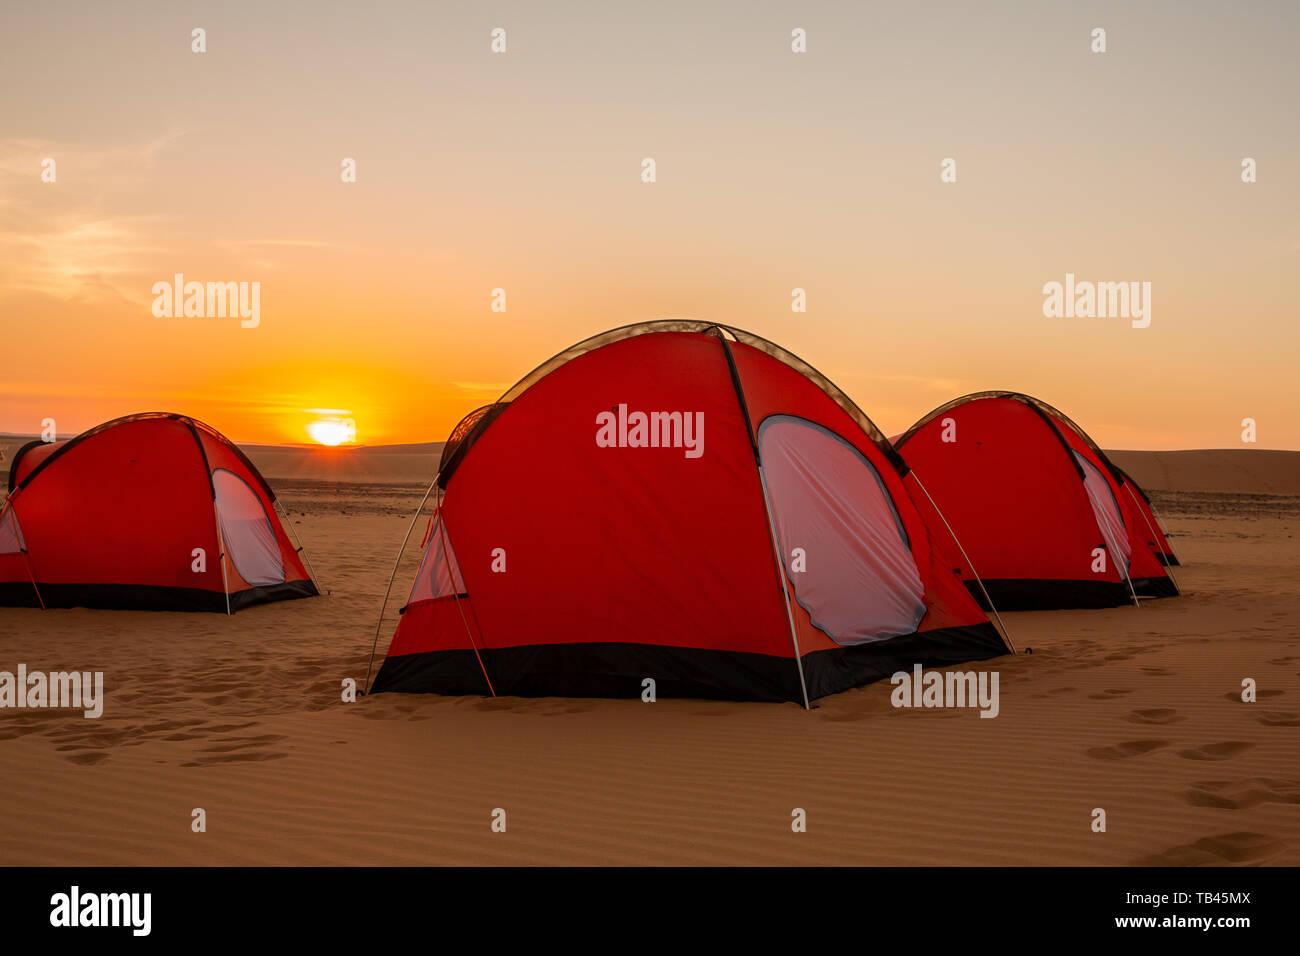 Tres Naranjas hombre dos carpas en el remoto desierto occidental de Sudán lanzó para la noche en la puesta de sol de color amarillo brillante con el sol en el horizonte Foto de stock